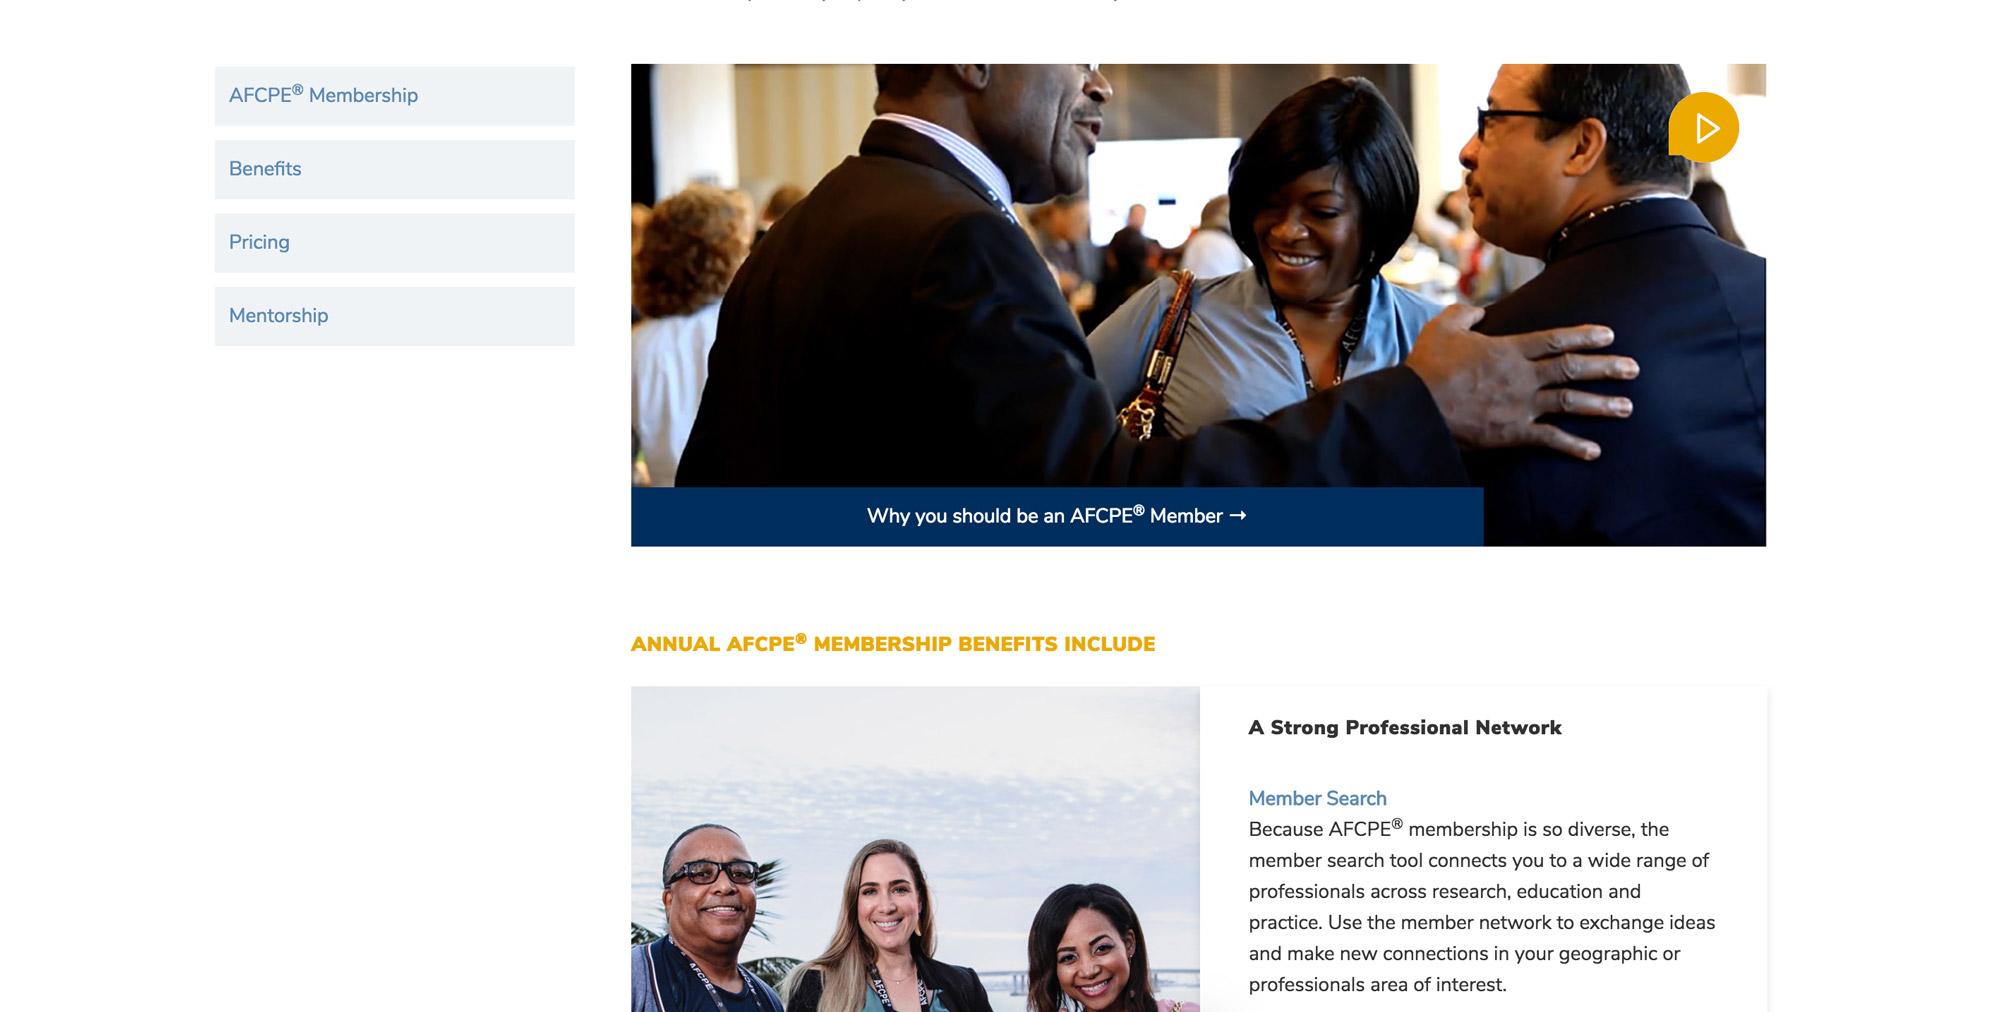 danielle-williams-columbus-ohio-design-afcpe-website5.jpg